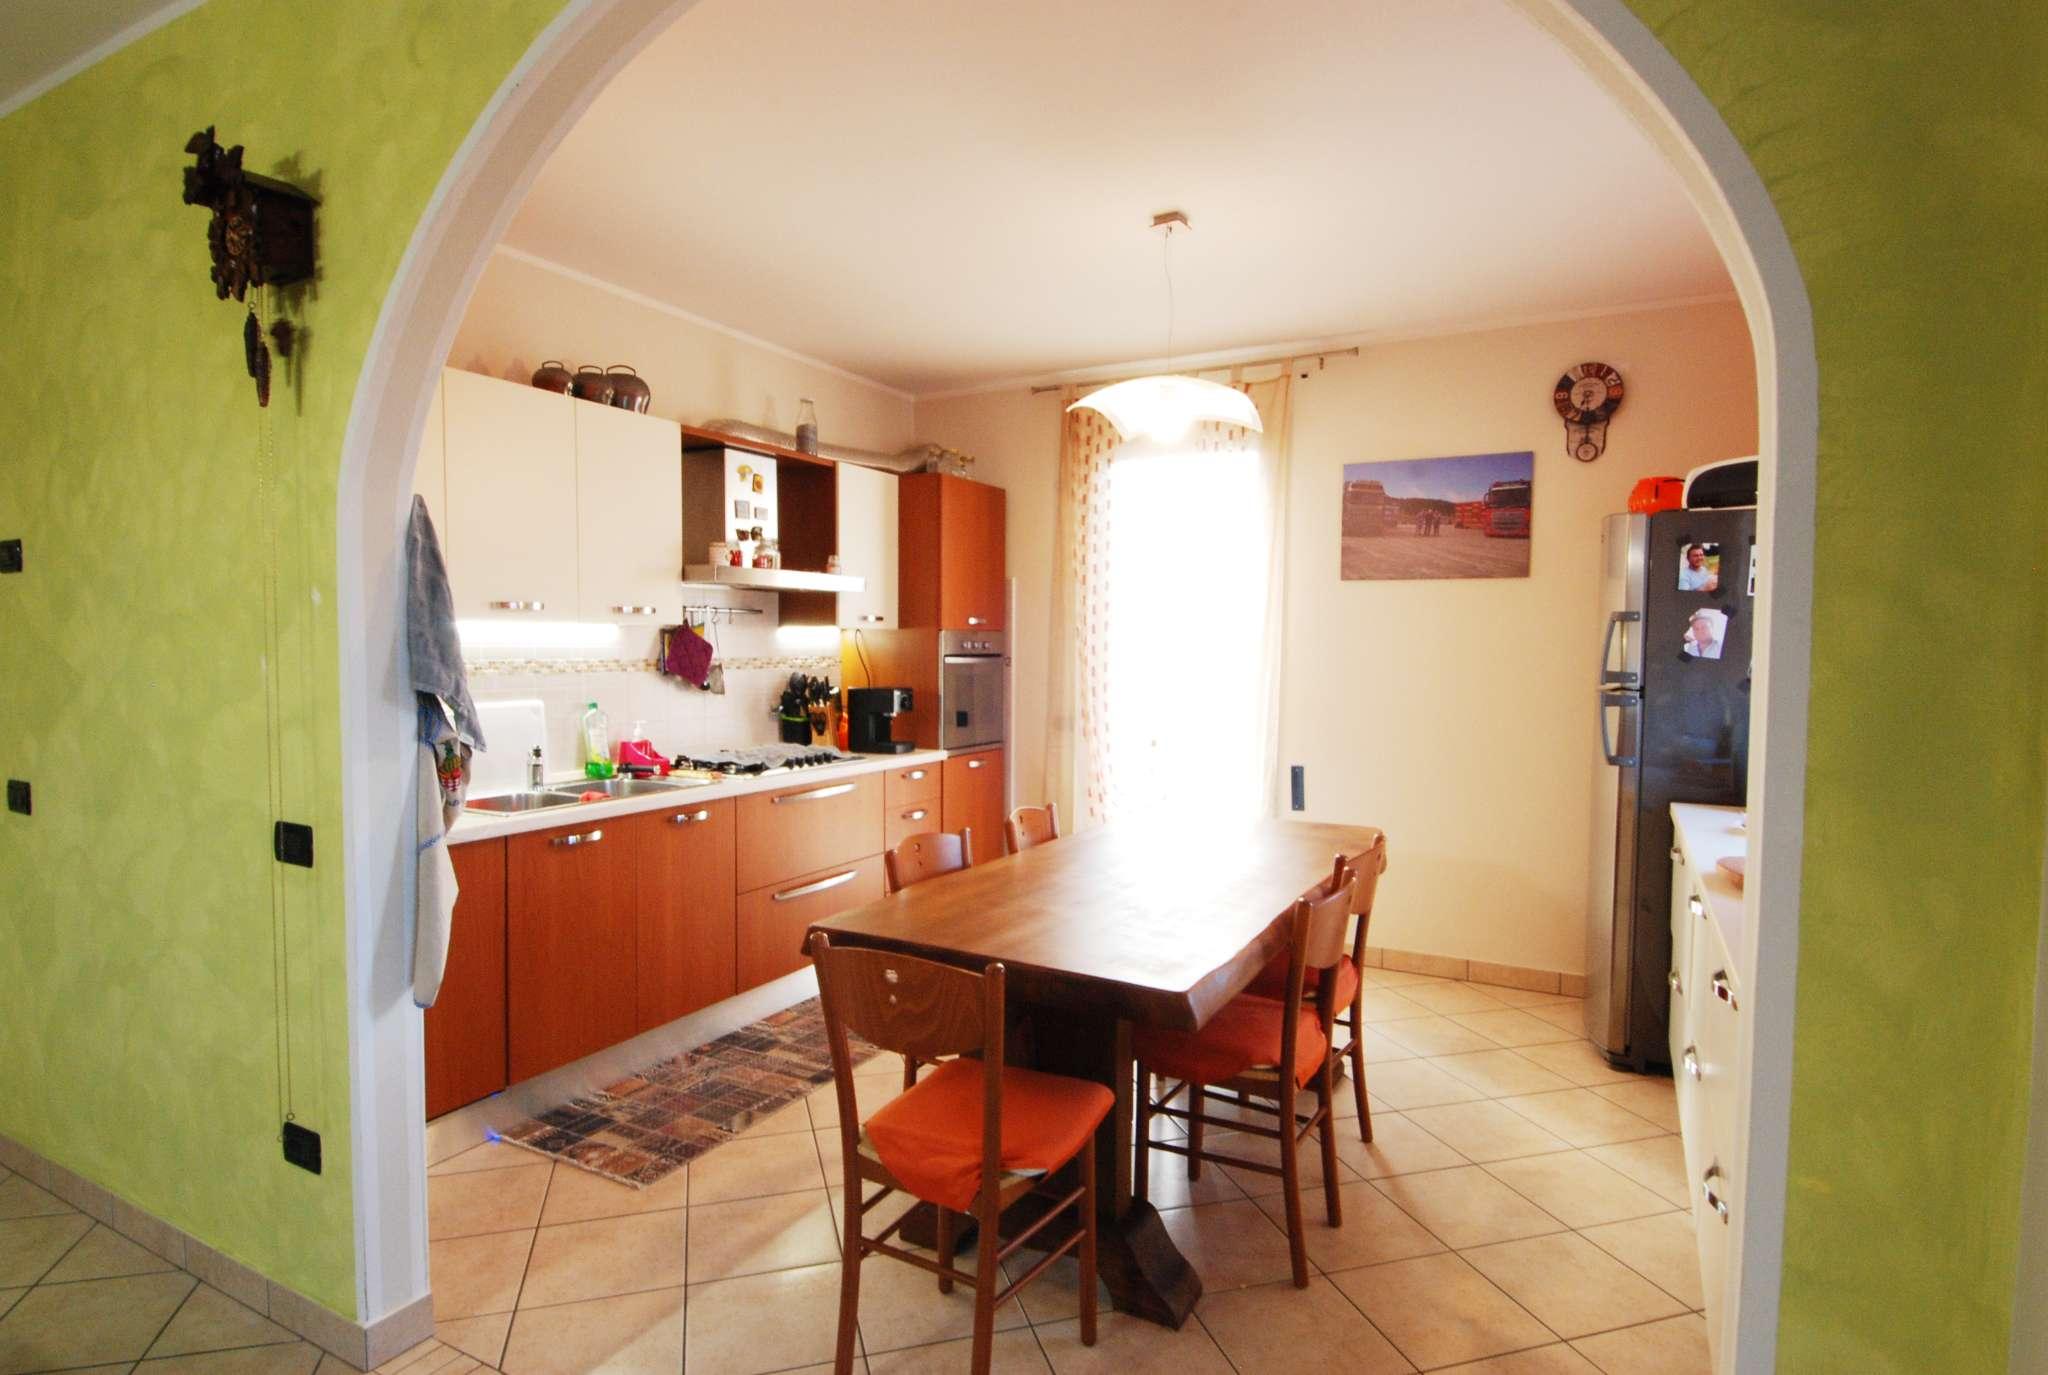 Appartamento in vendita a Grantorto, 4 locali, prezzo € 130.000 | PortaleAgenzieImmobiliari.it